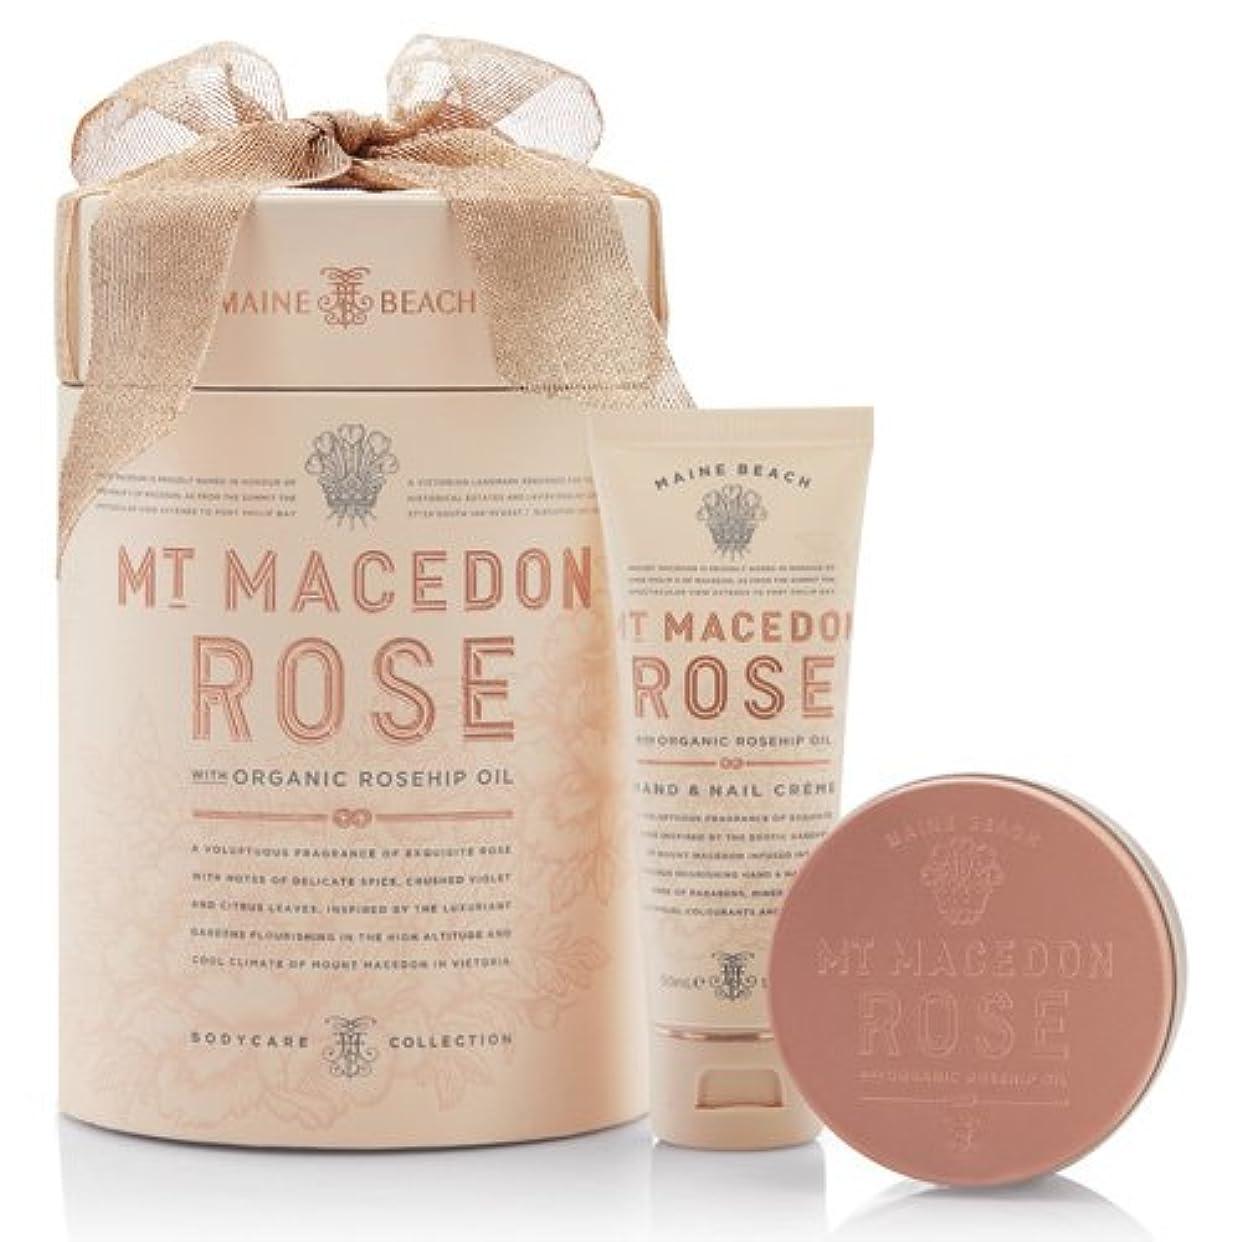 のため鉄断片MAINE BEACH マインビーチ MT MACEDON ROSE マウント マセドン ローズ Duo Gift Pack